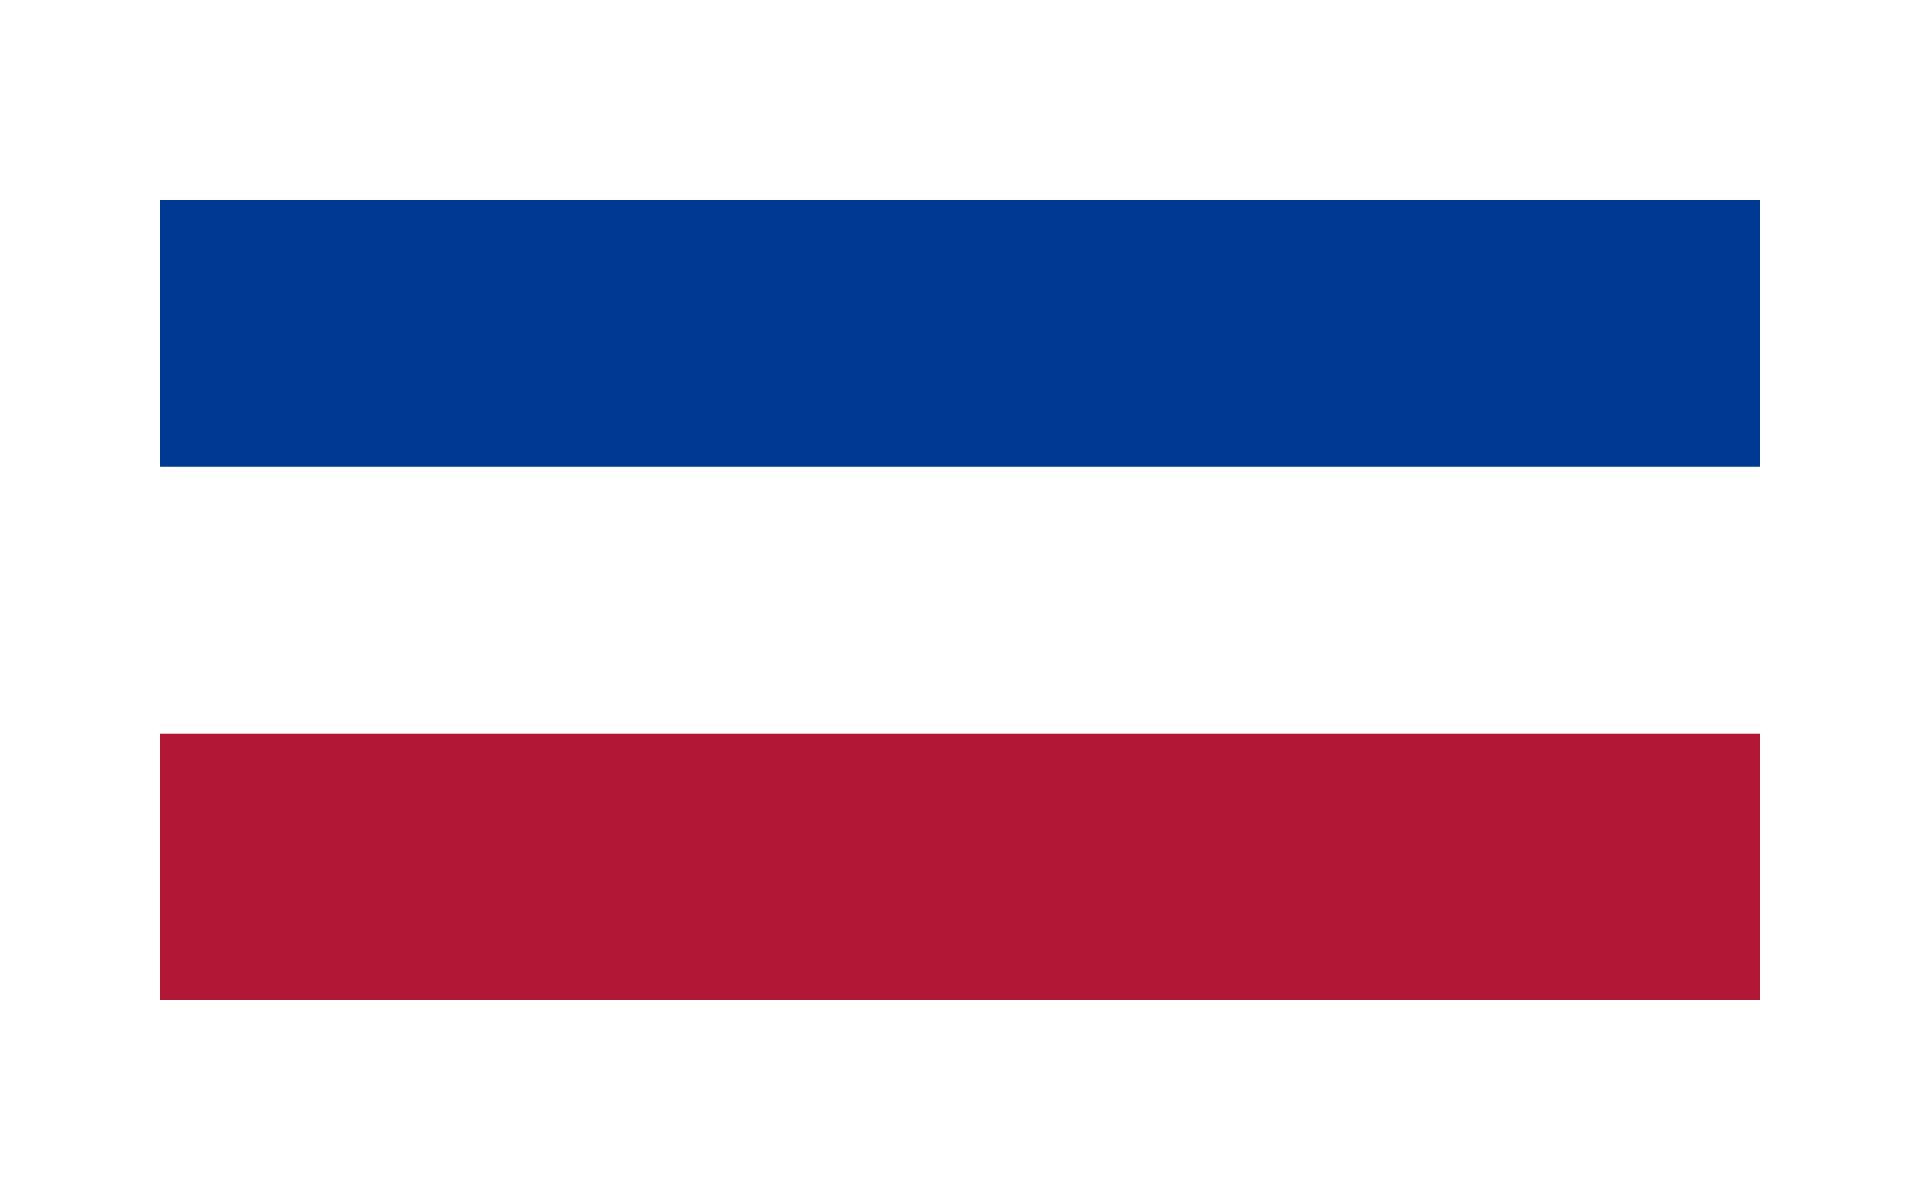 世界各国国旗图案高清图片素材专辑3(50p)[中国资源